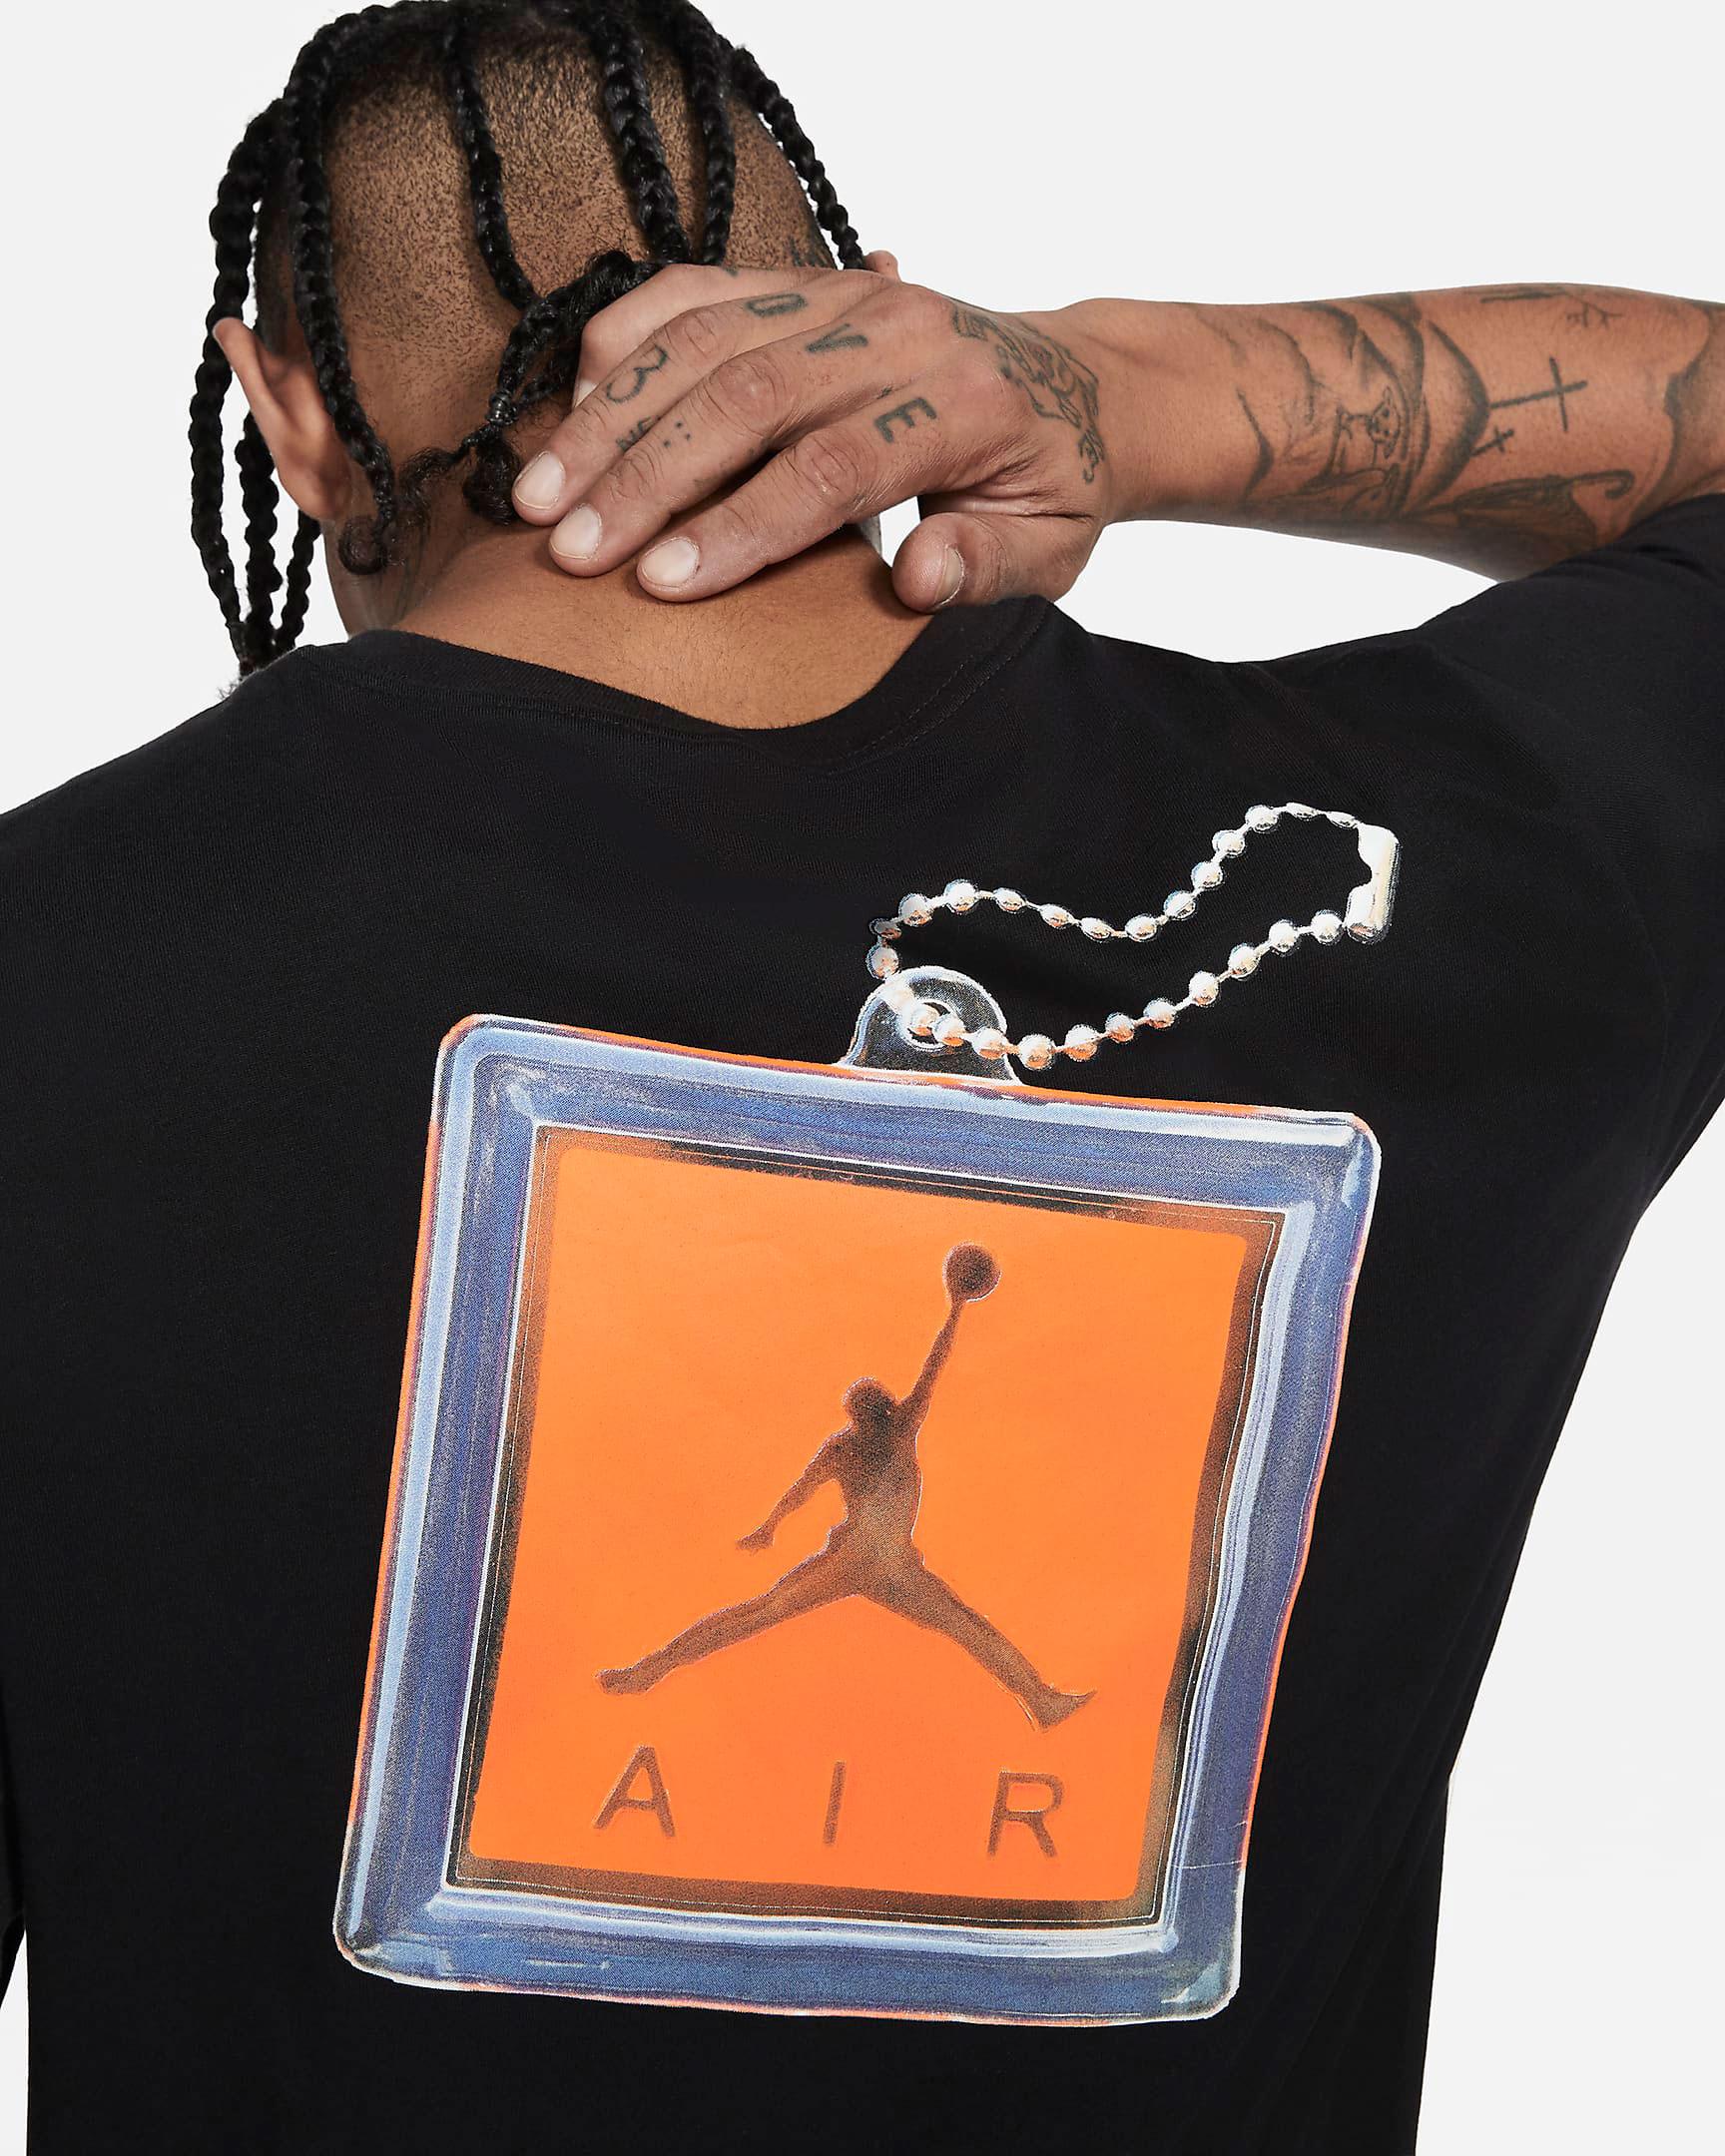 jordan-keychain-shirt-black-orange-4